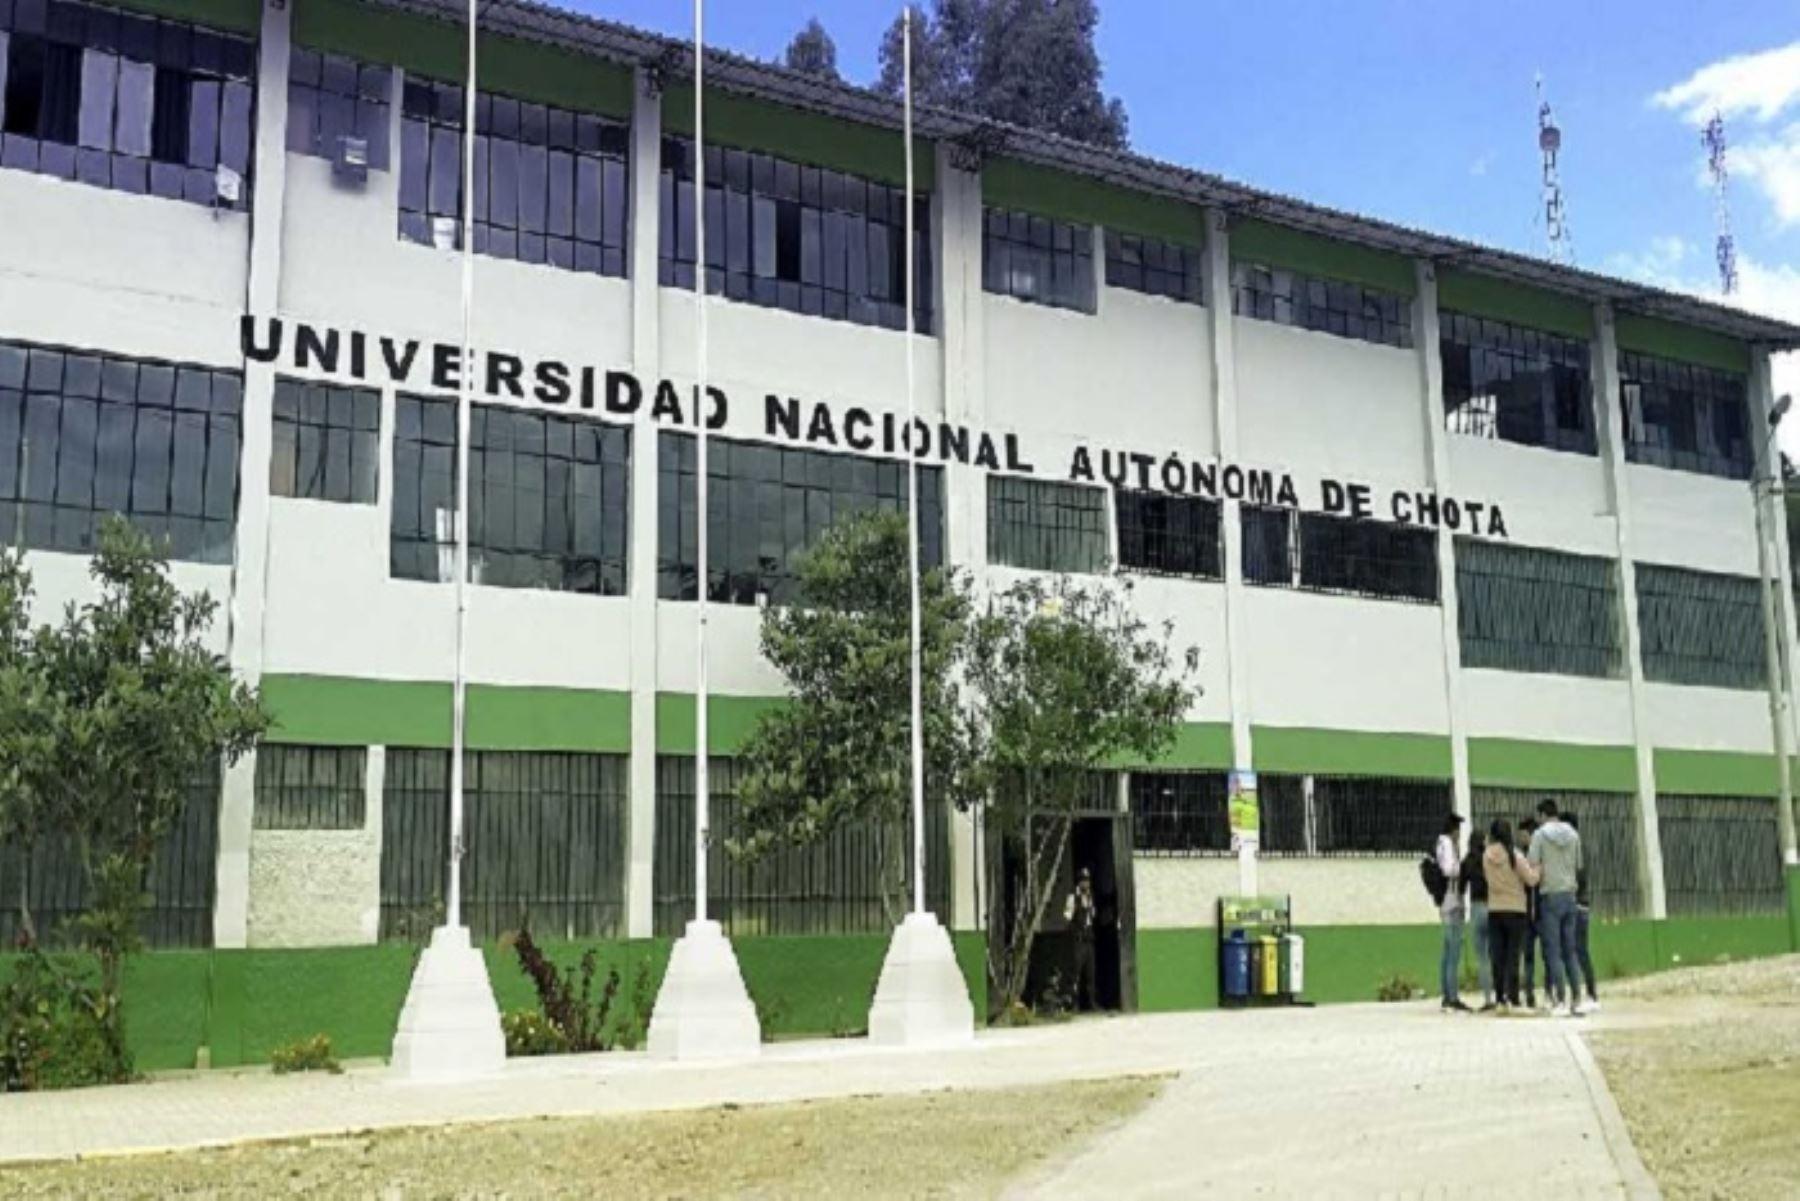 La Superintendencia Nacional de Educación Superior Universitaria (Sunedu) otorgó la licencia institucional por un periodo de 6 años a la Universidad Nacional Autónoma de Chota (UNACH), en la región Cajamarca, luego de constatar que dicha casa de estudios reúne las Condiciones Básicas de Calidad (CBC) establecidas en la Ley Universitaria.